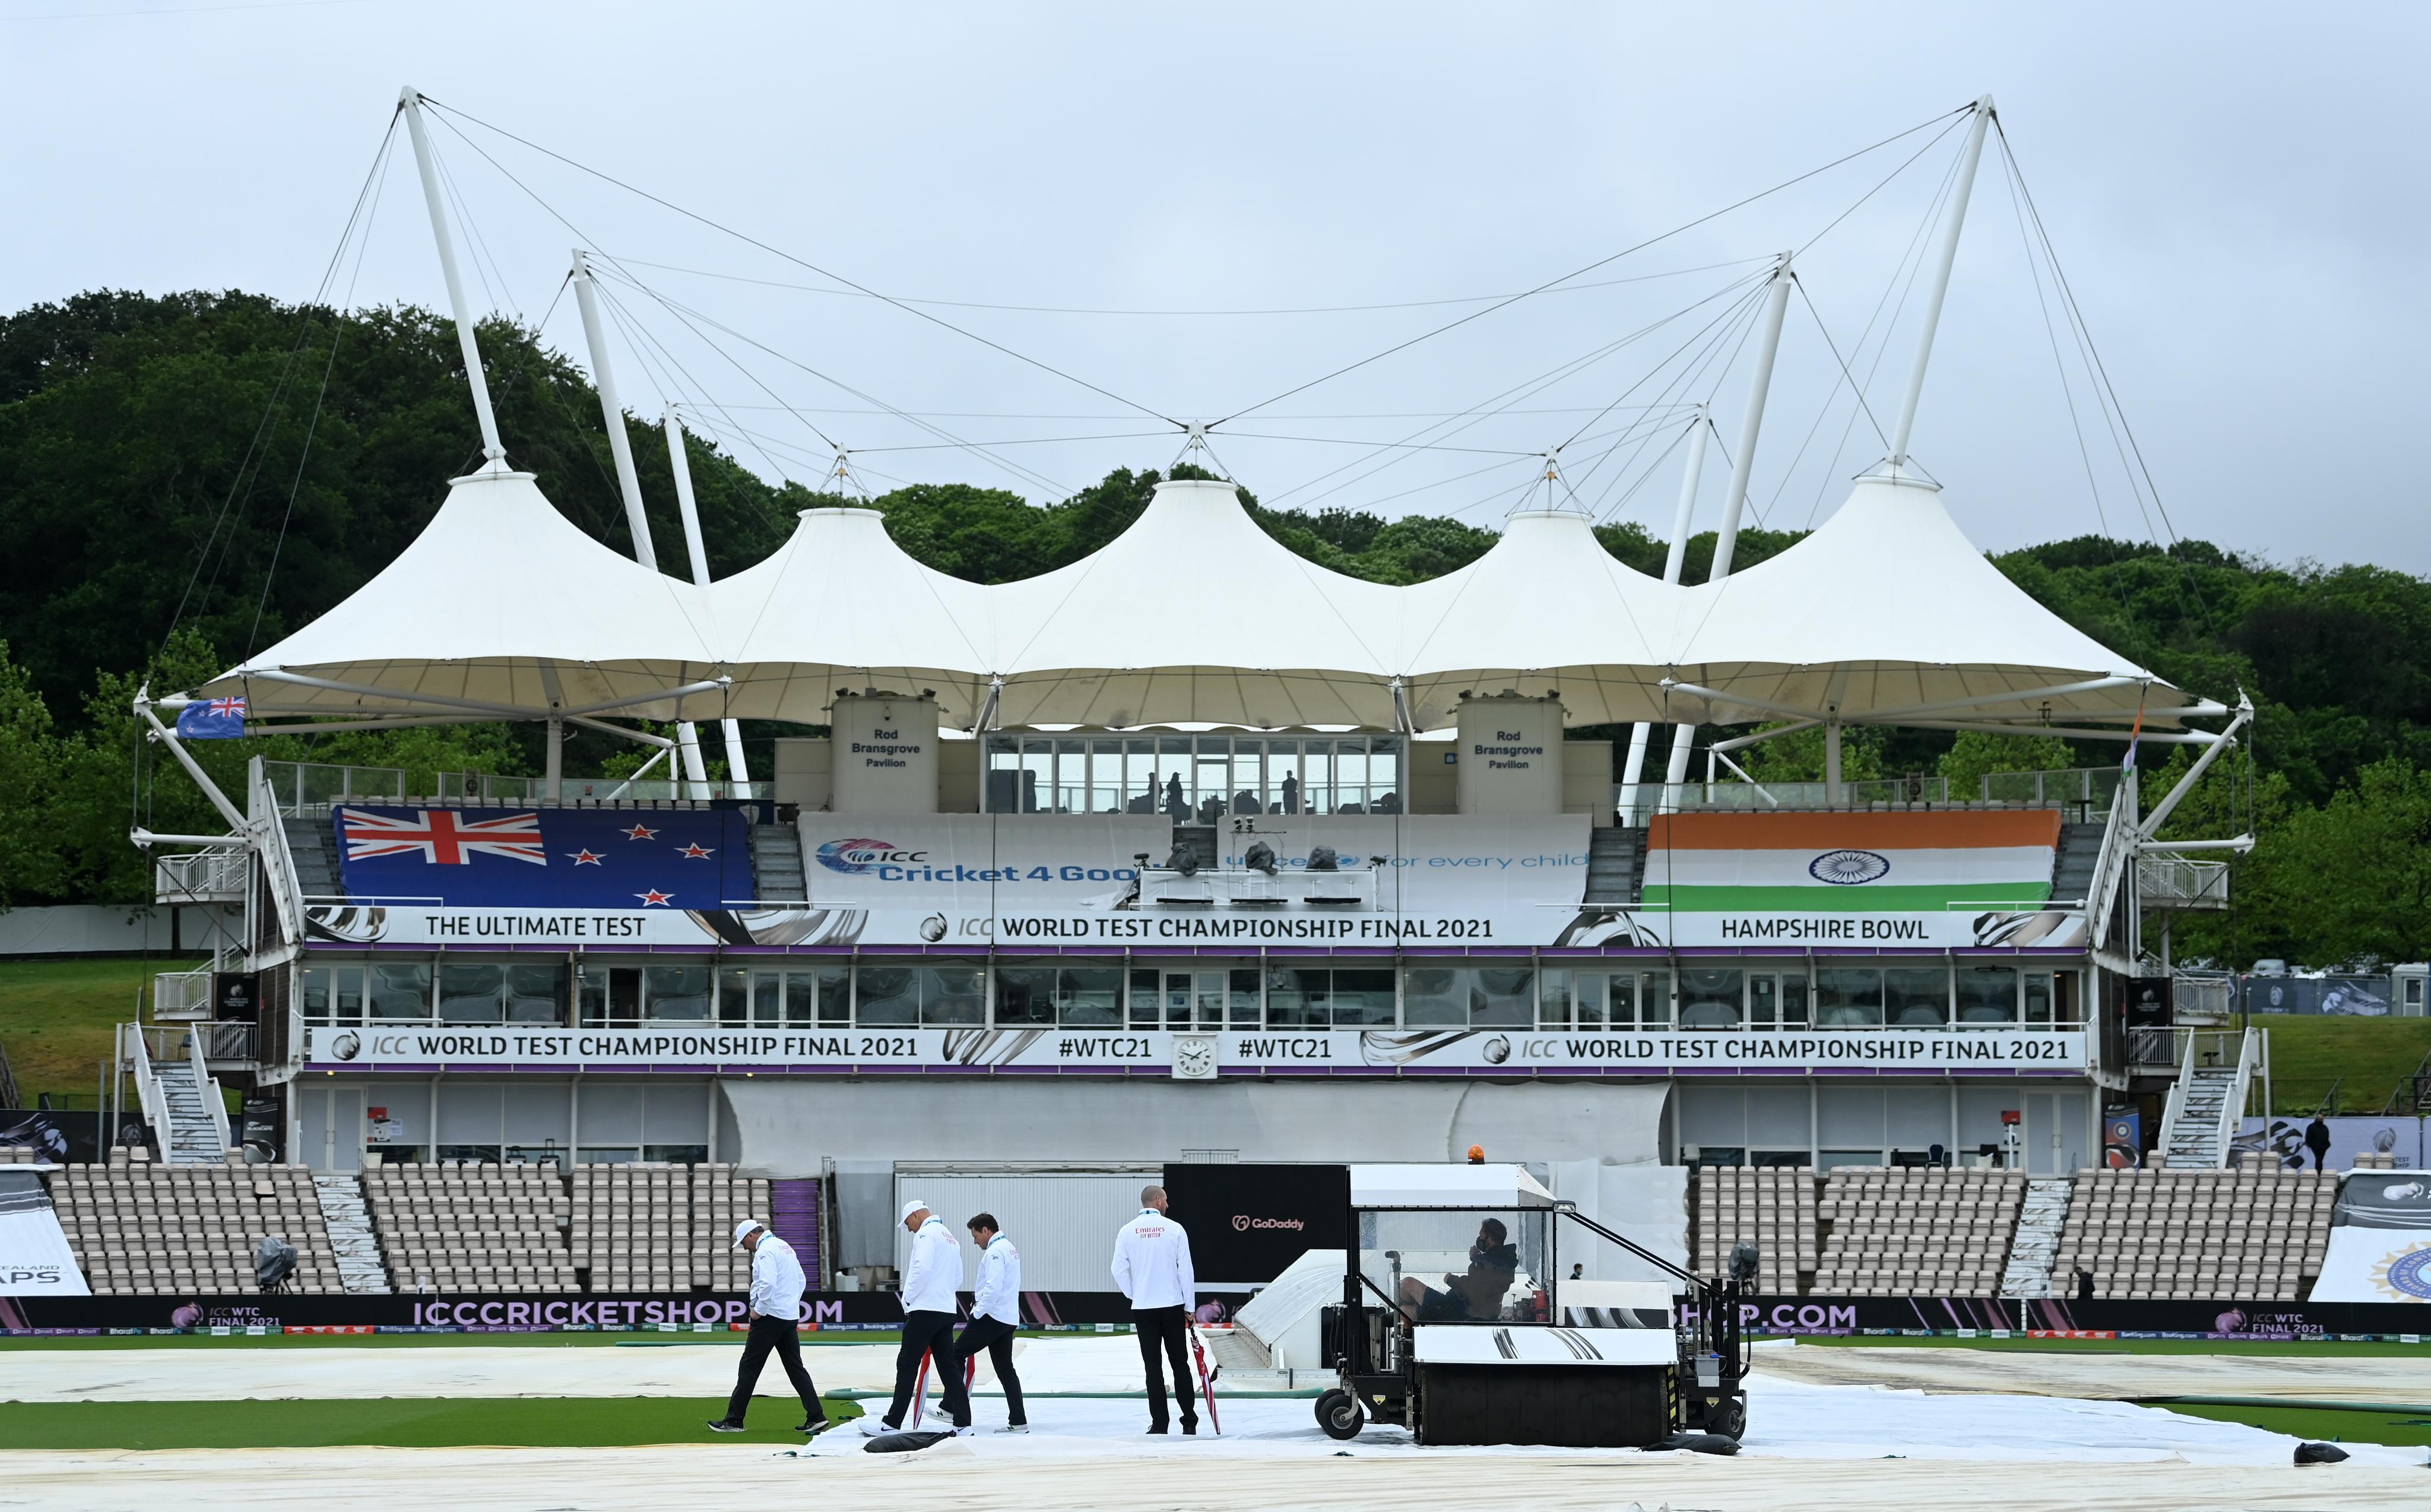 IND VS NZ WTC21 Final: প্রথম দিনের খেলা বৃষ্টিতে ভেস্তে গেল